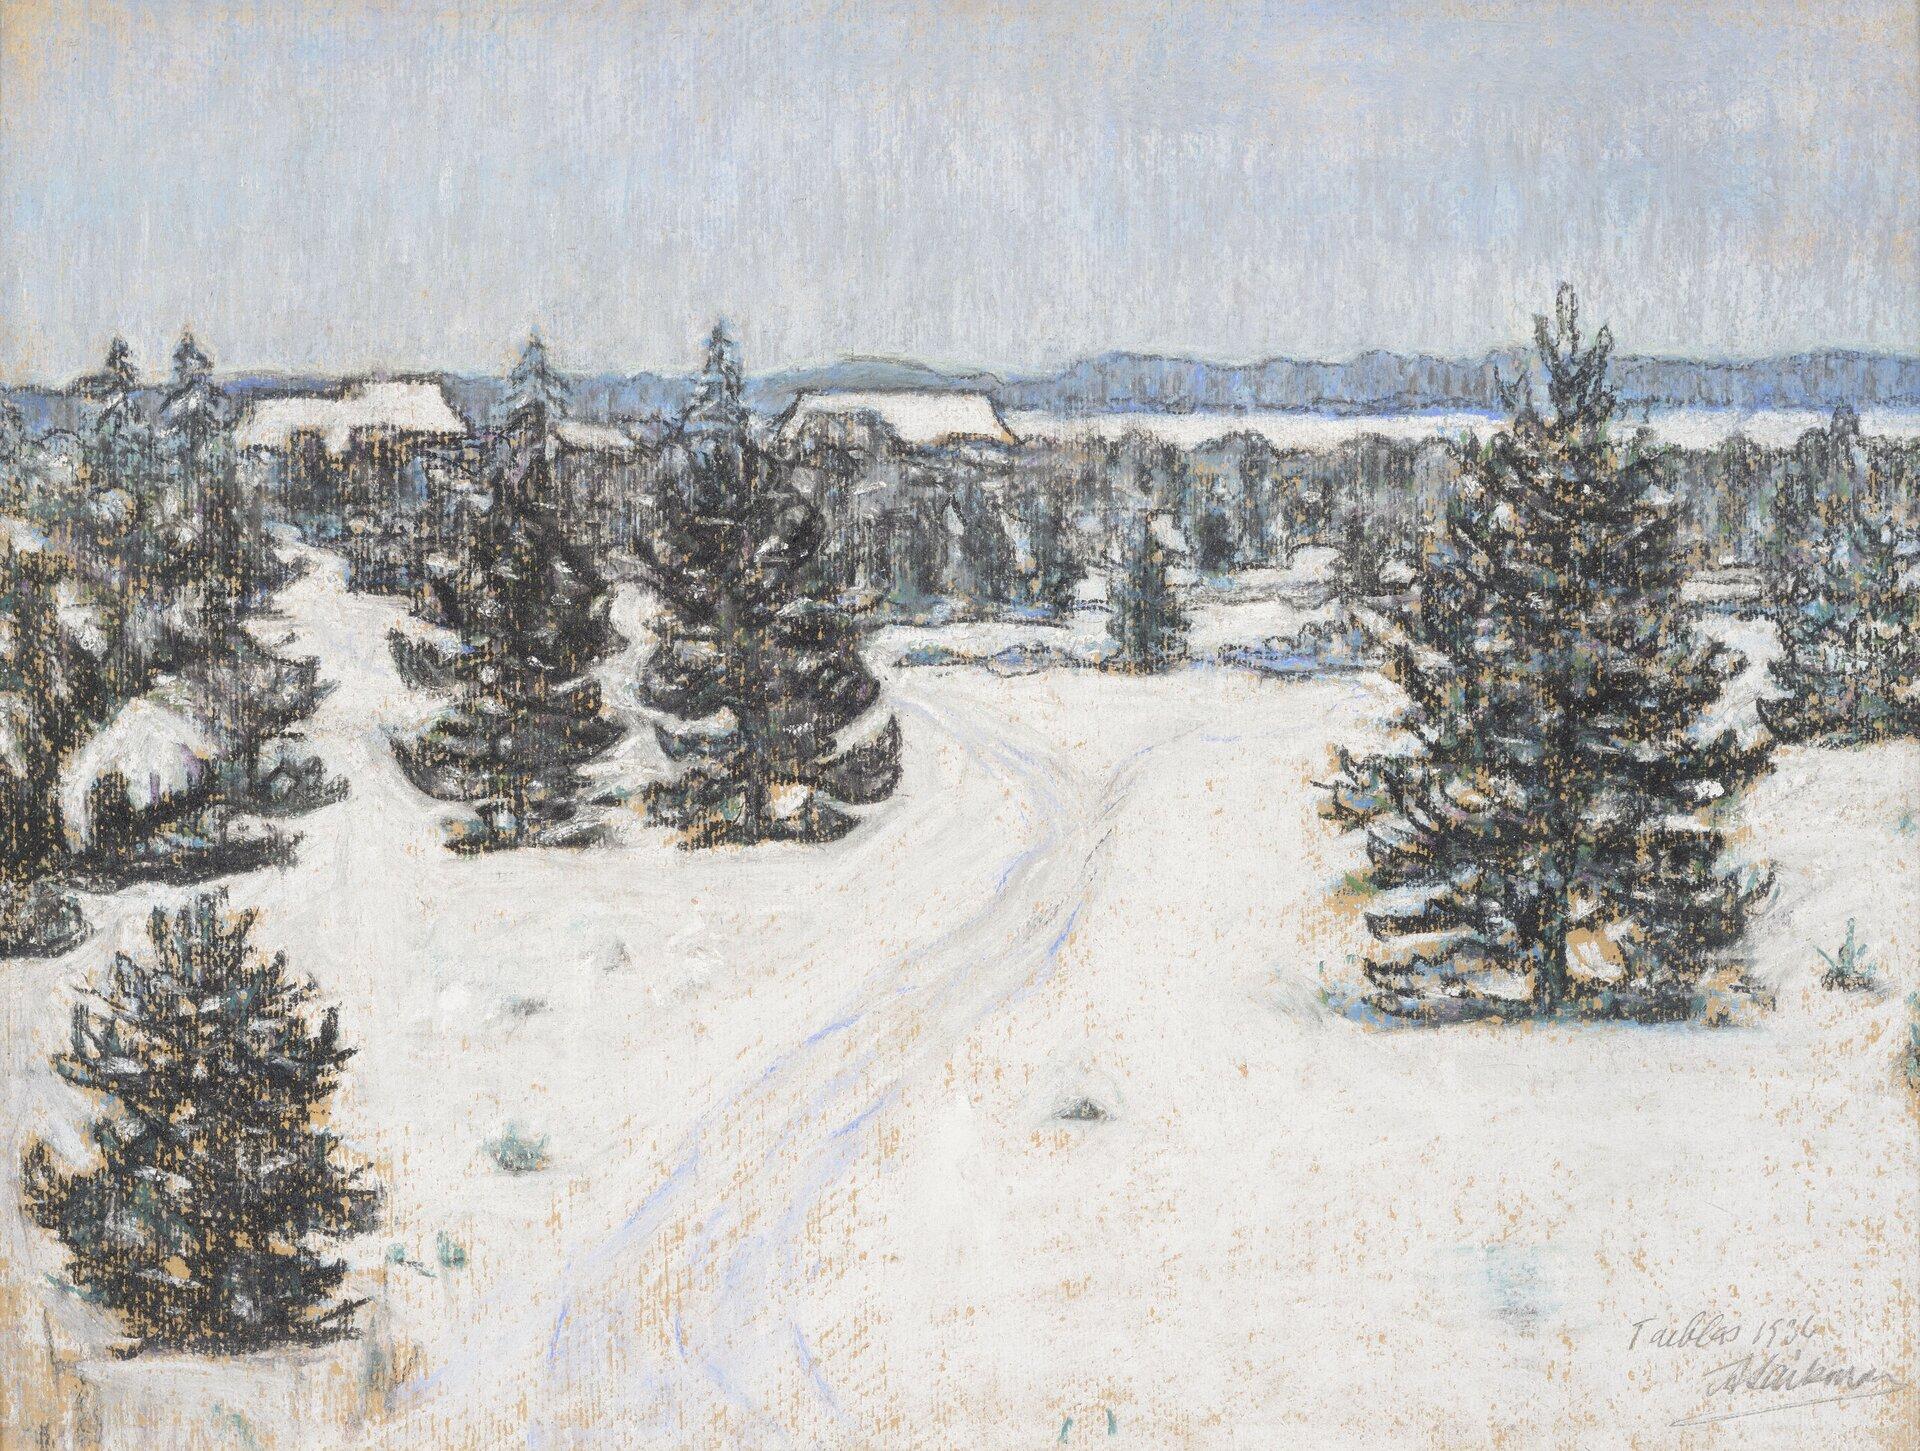 """Ilustracja przedstawia obraz olejny """"Krajobraz Taebla"""" autorstwa Antsa Laikmaa. Dzieło ukazuje zimowy pejzaż. Na pierwszym planie znajdują się ciemno-zielone sylwetki choinek na białym tle śniegu. Woddali, na tle szaro-niebieskiego lasu rysują się białe dachy domów. Nad krajobrazem góruje pas szaro-błękitnego, płaskiego nieba. Kompozycja utrzymana jest wchłodnej, szaro-niebieskiej tonacji. Praca została wykonana techniką pasteli na papierze."""